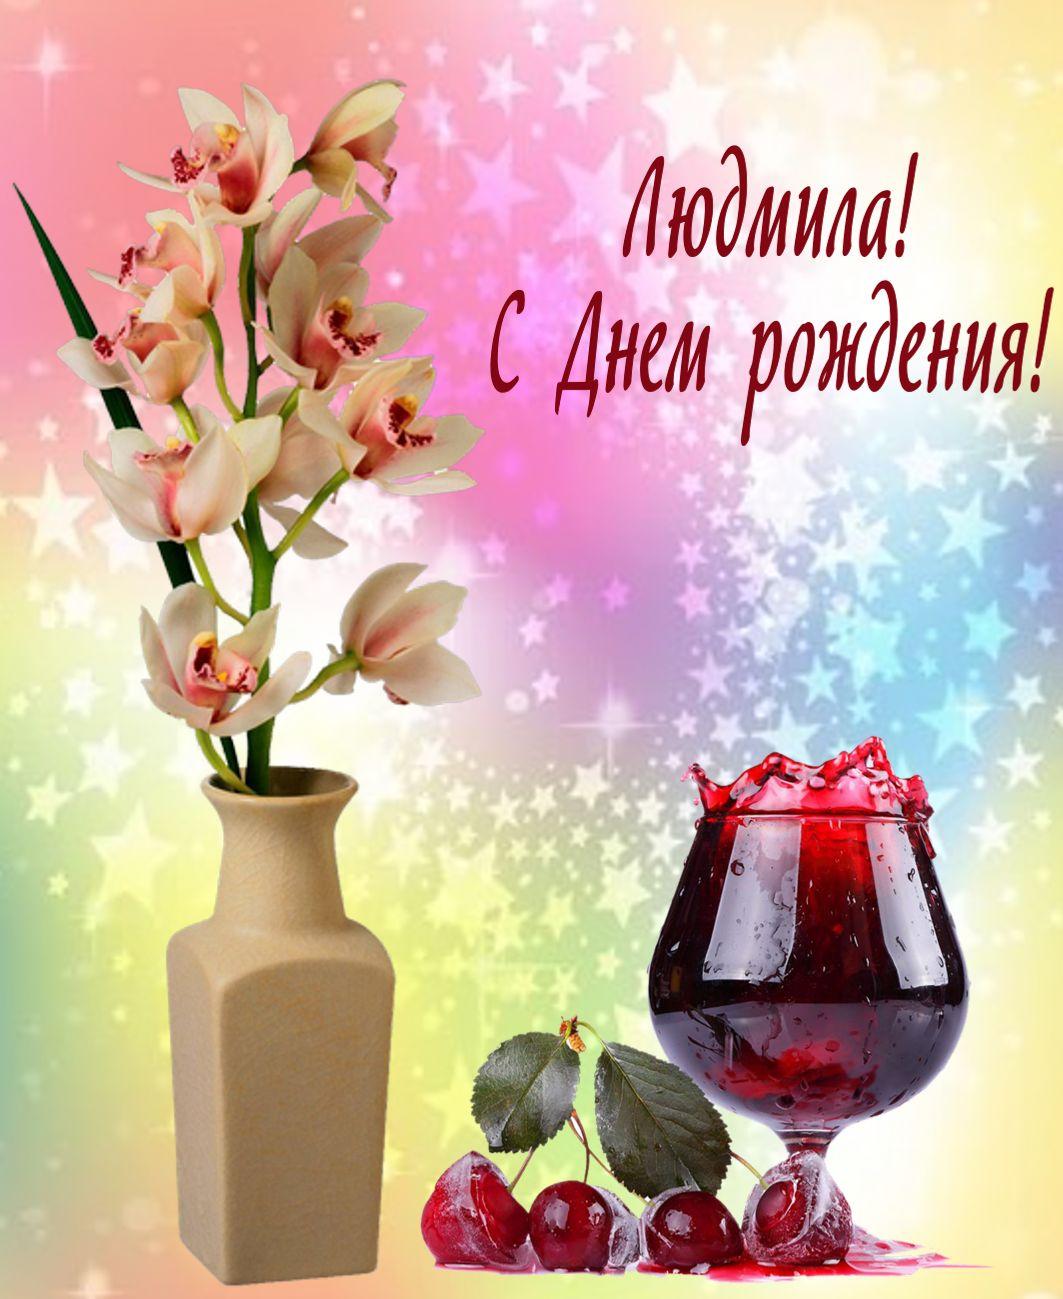 Открытка на День рождения Людмиле - цветок и бокал вина на звездном фоне